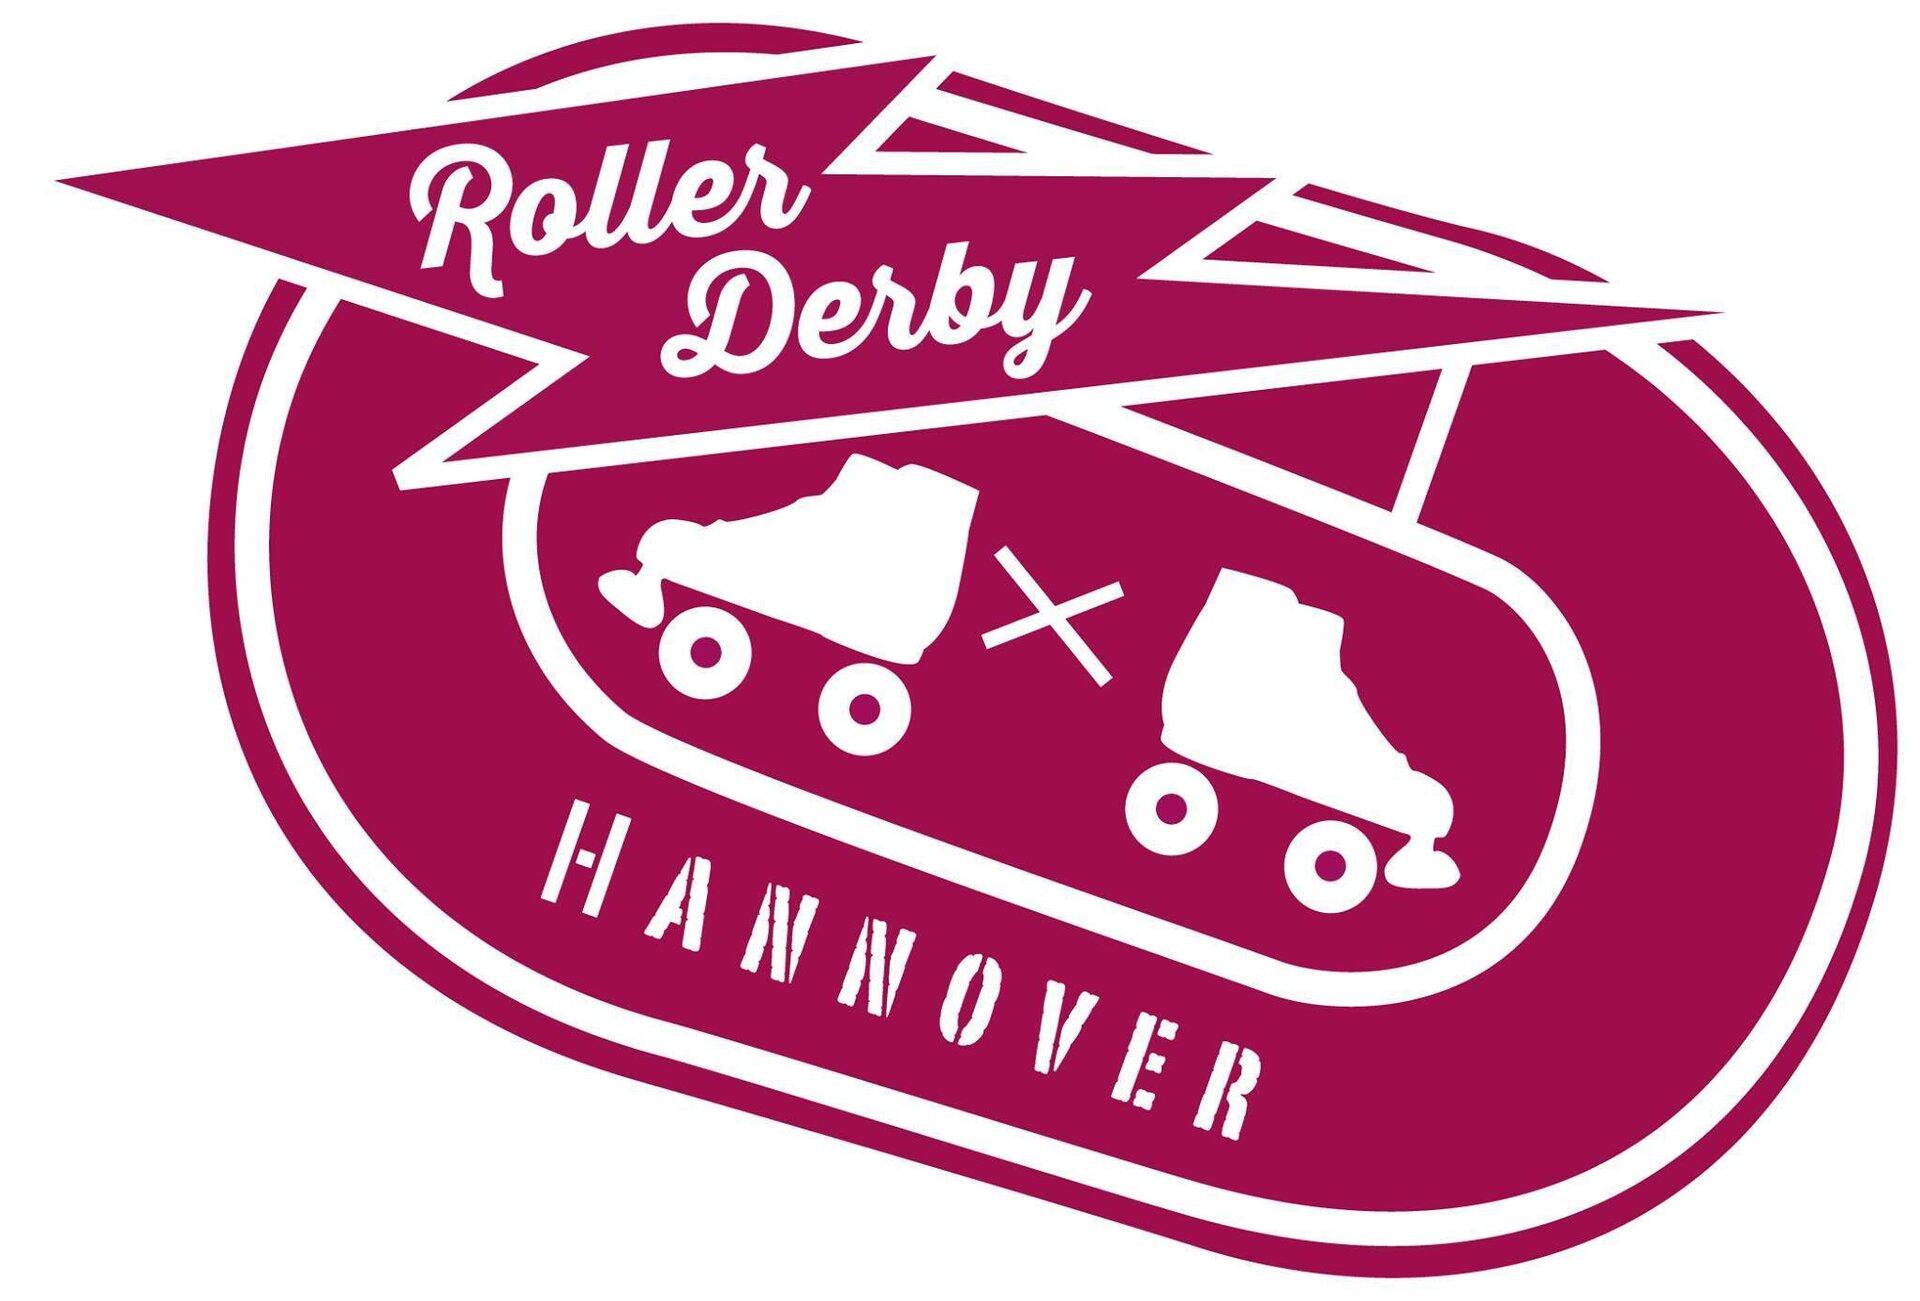 Rollder Derby Hannover Logo